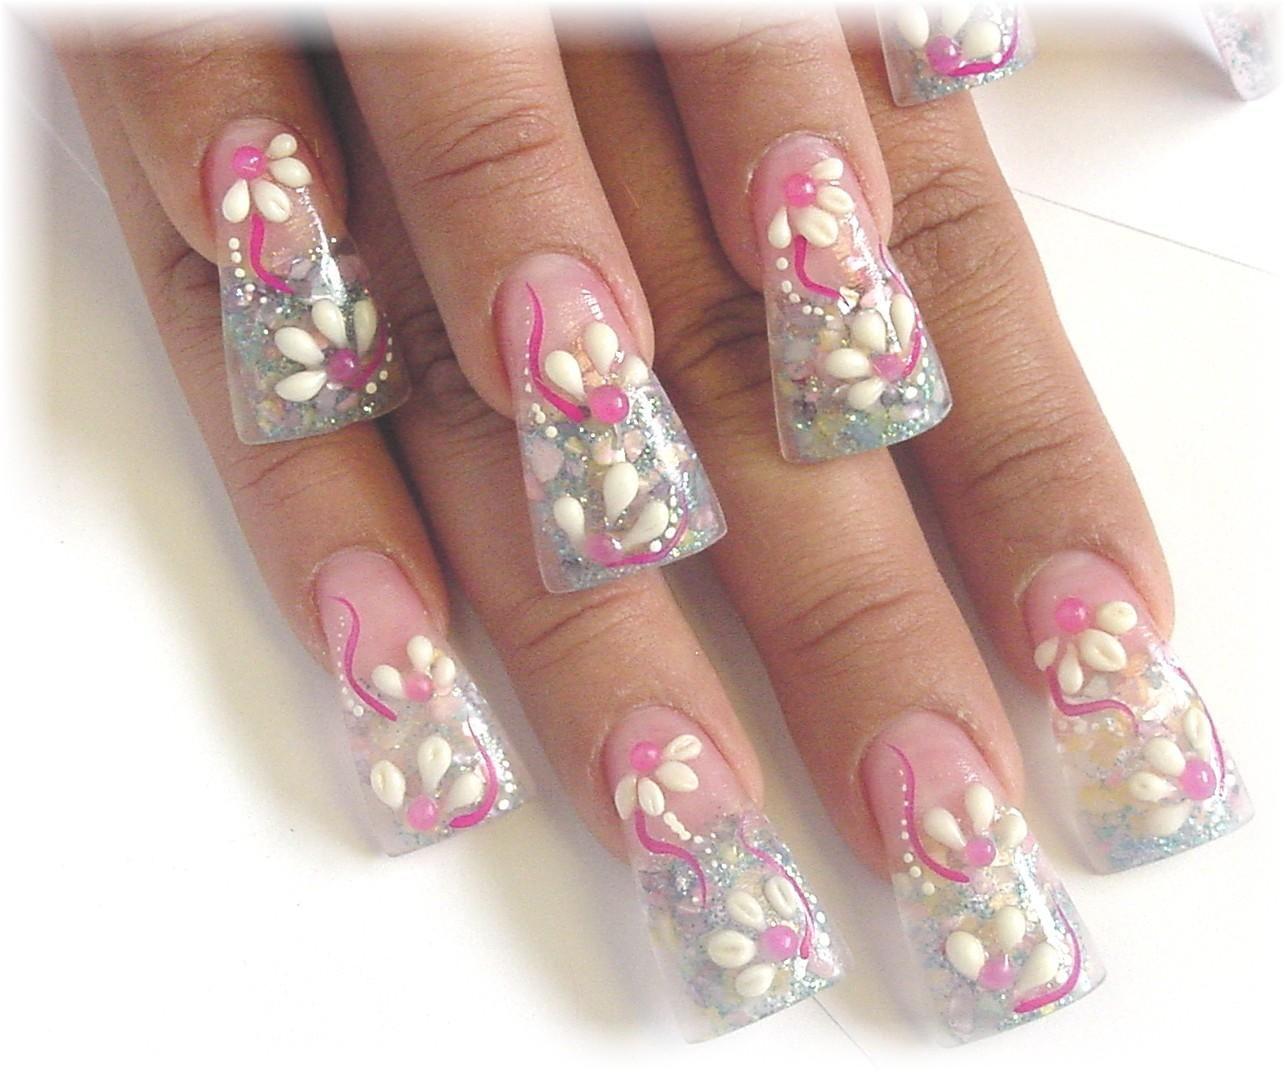 Acrylic Nails Designs ...   Nail Designs   Pinterest   Acrylic nail ...